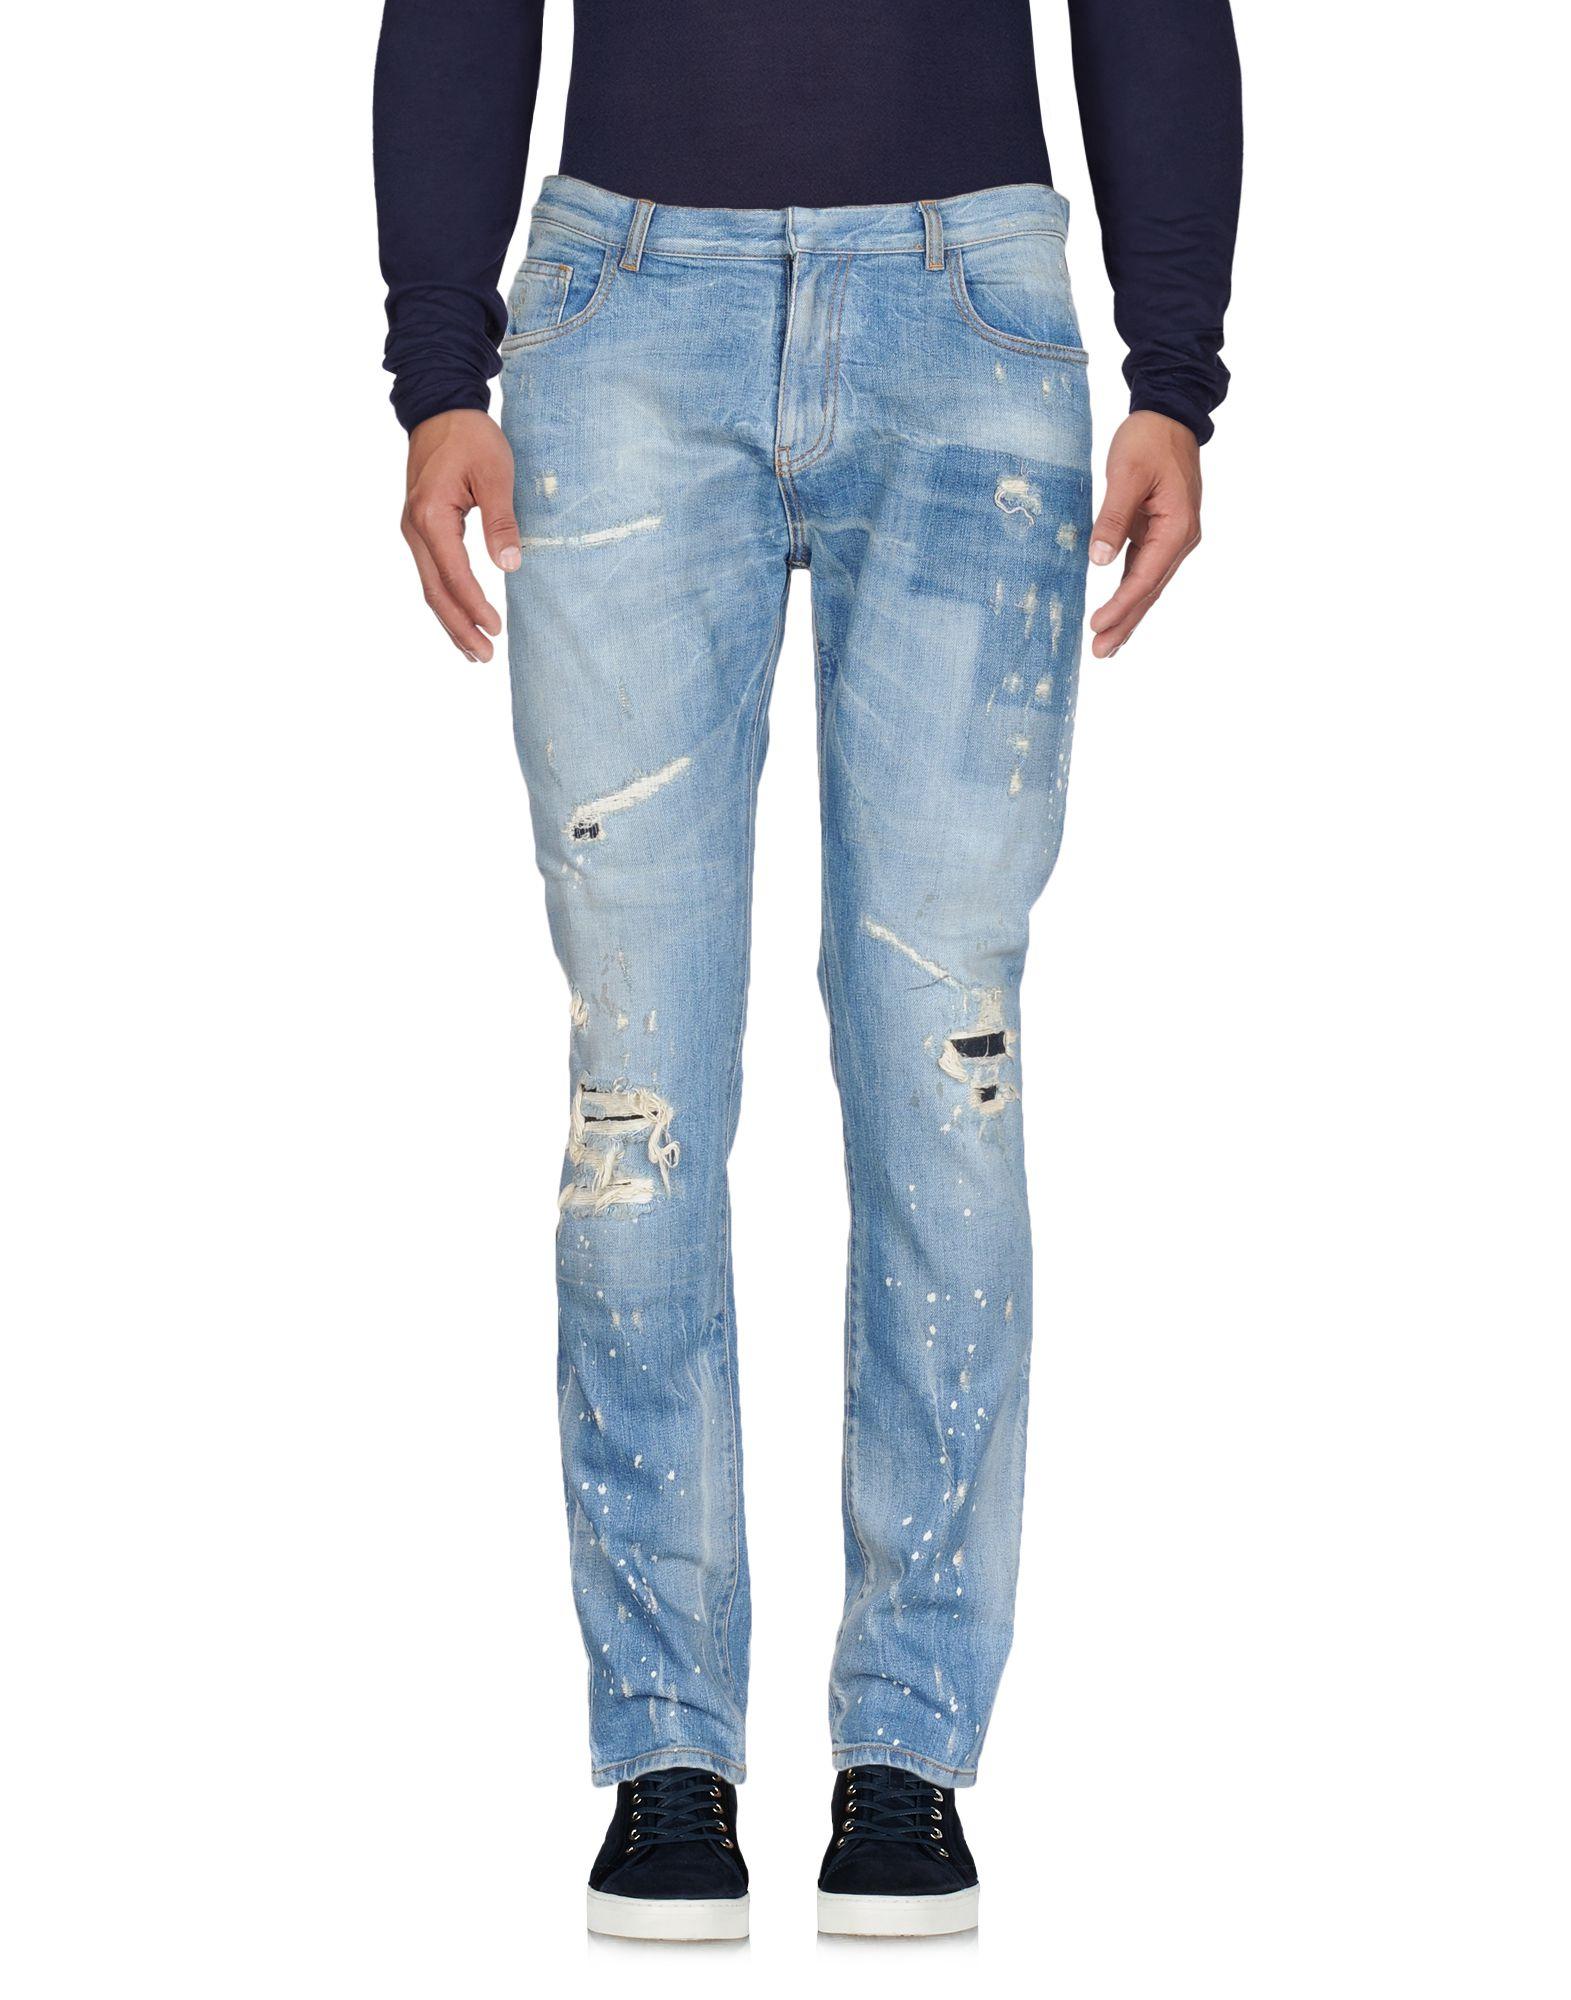 Pantaloni Jeans Faith Connexion Donna - Acquista online su